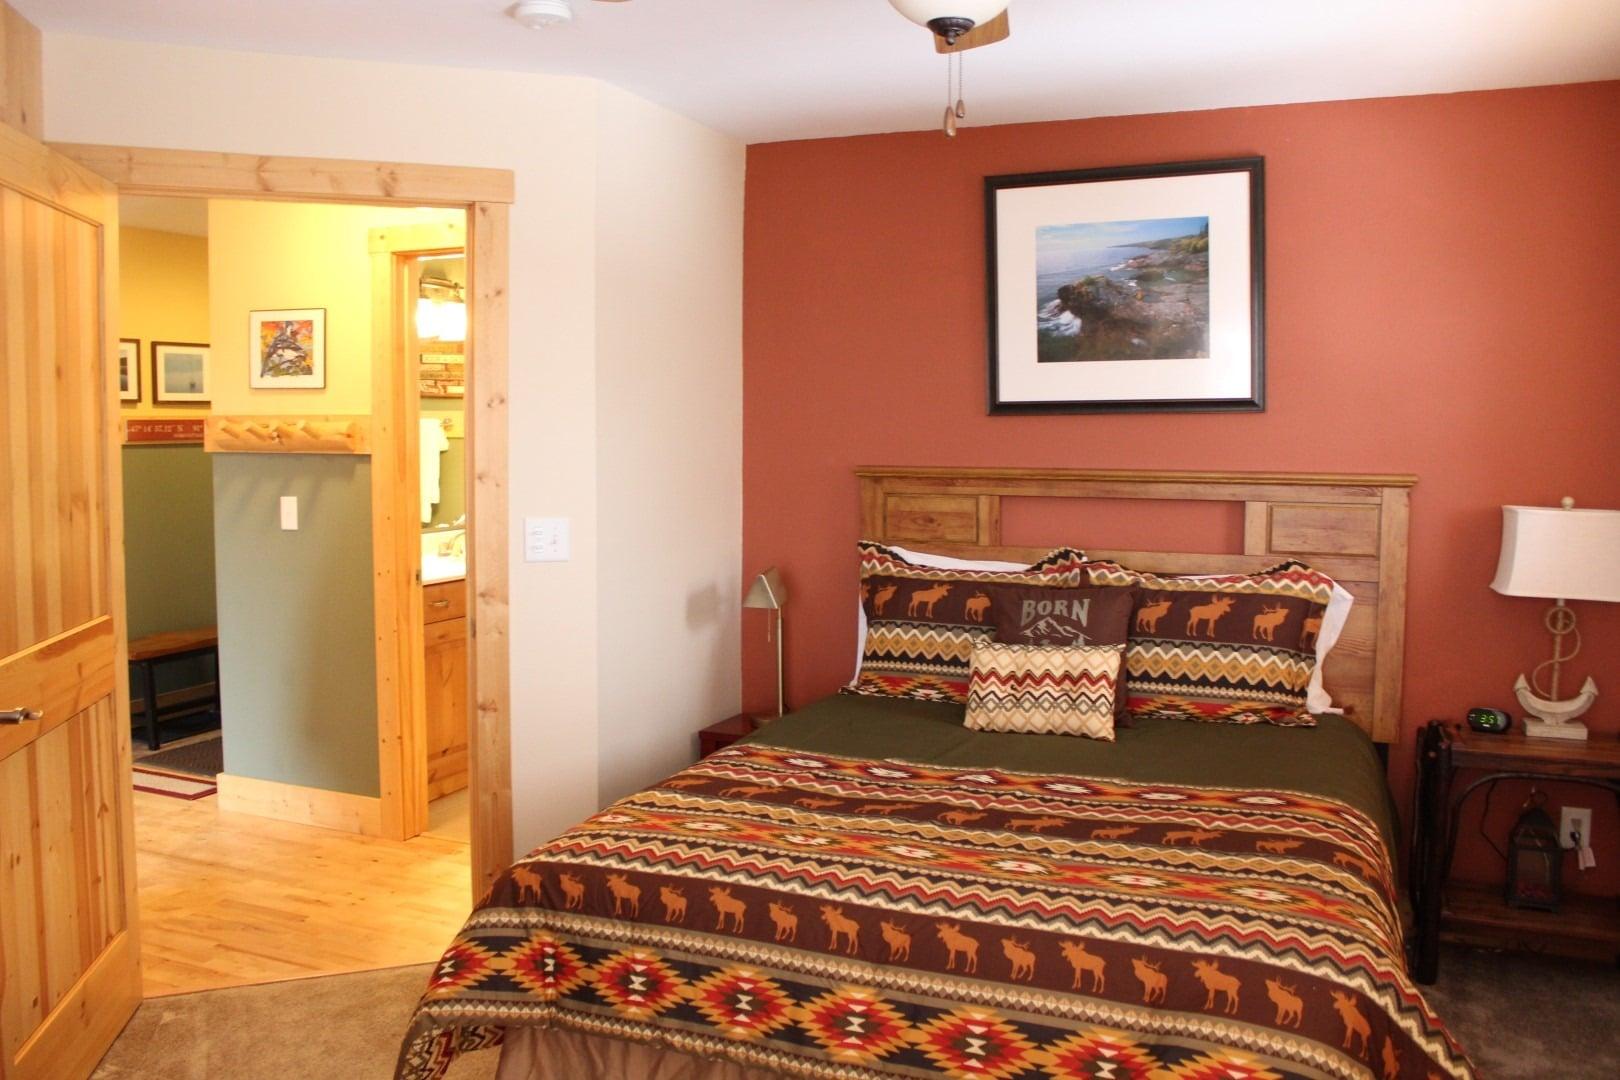 524 Bedroom 2 1